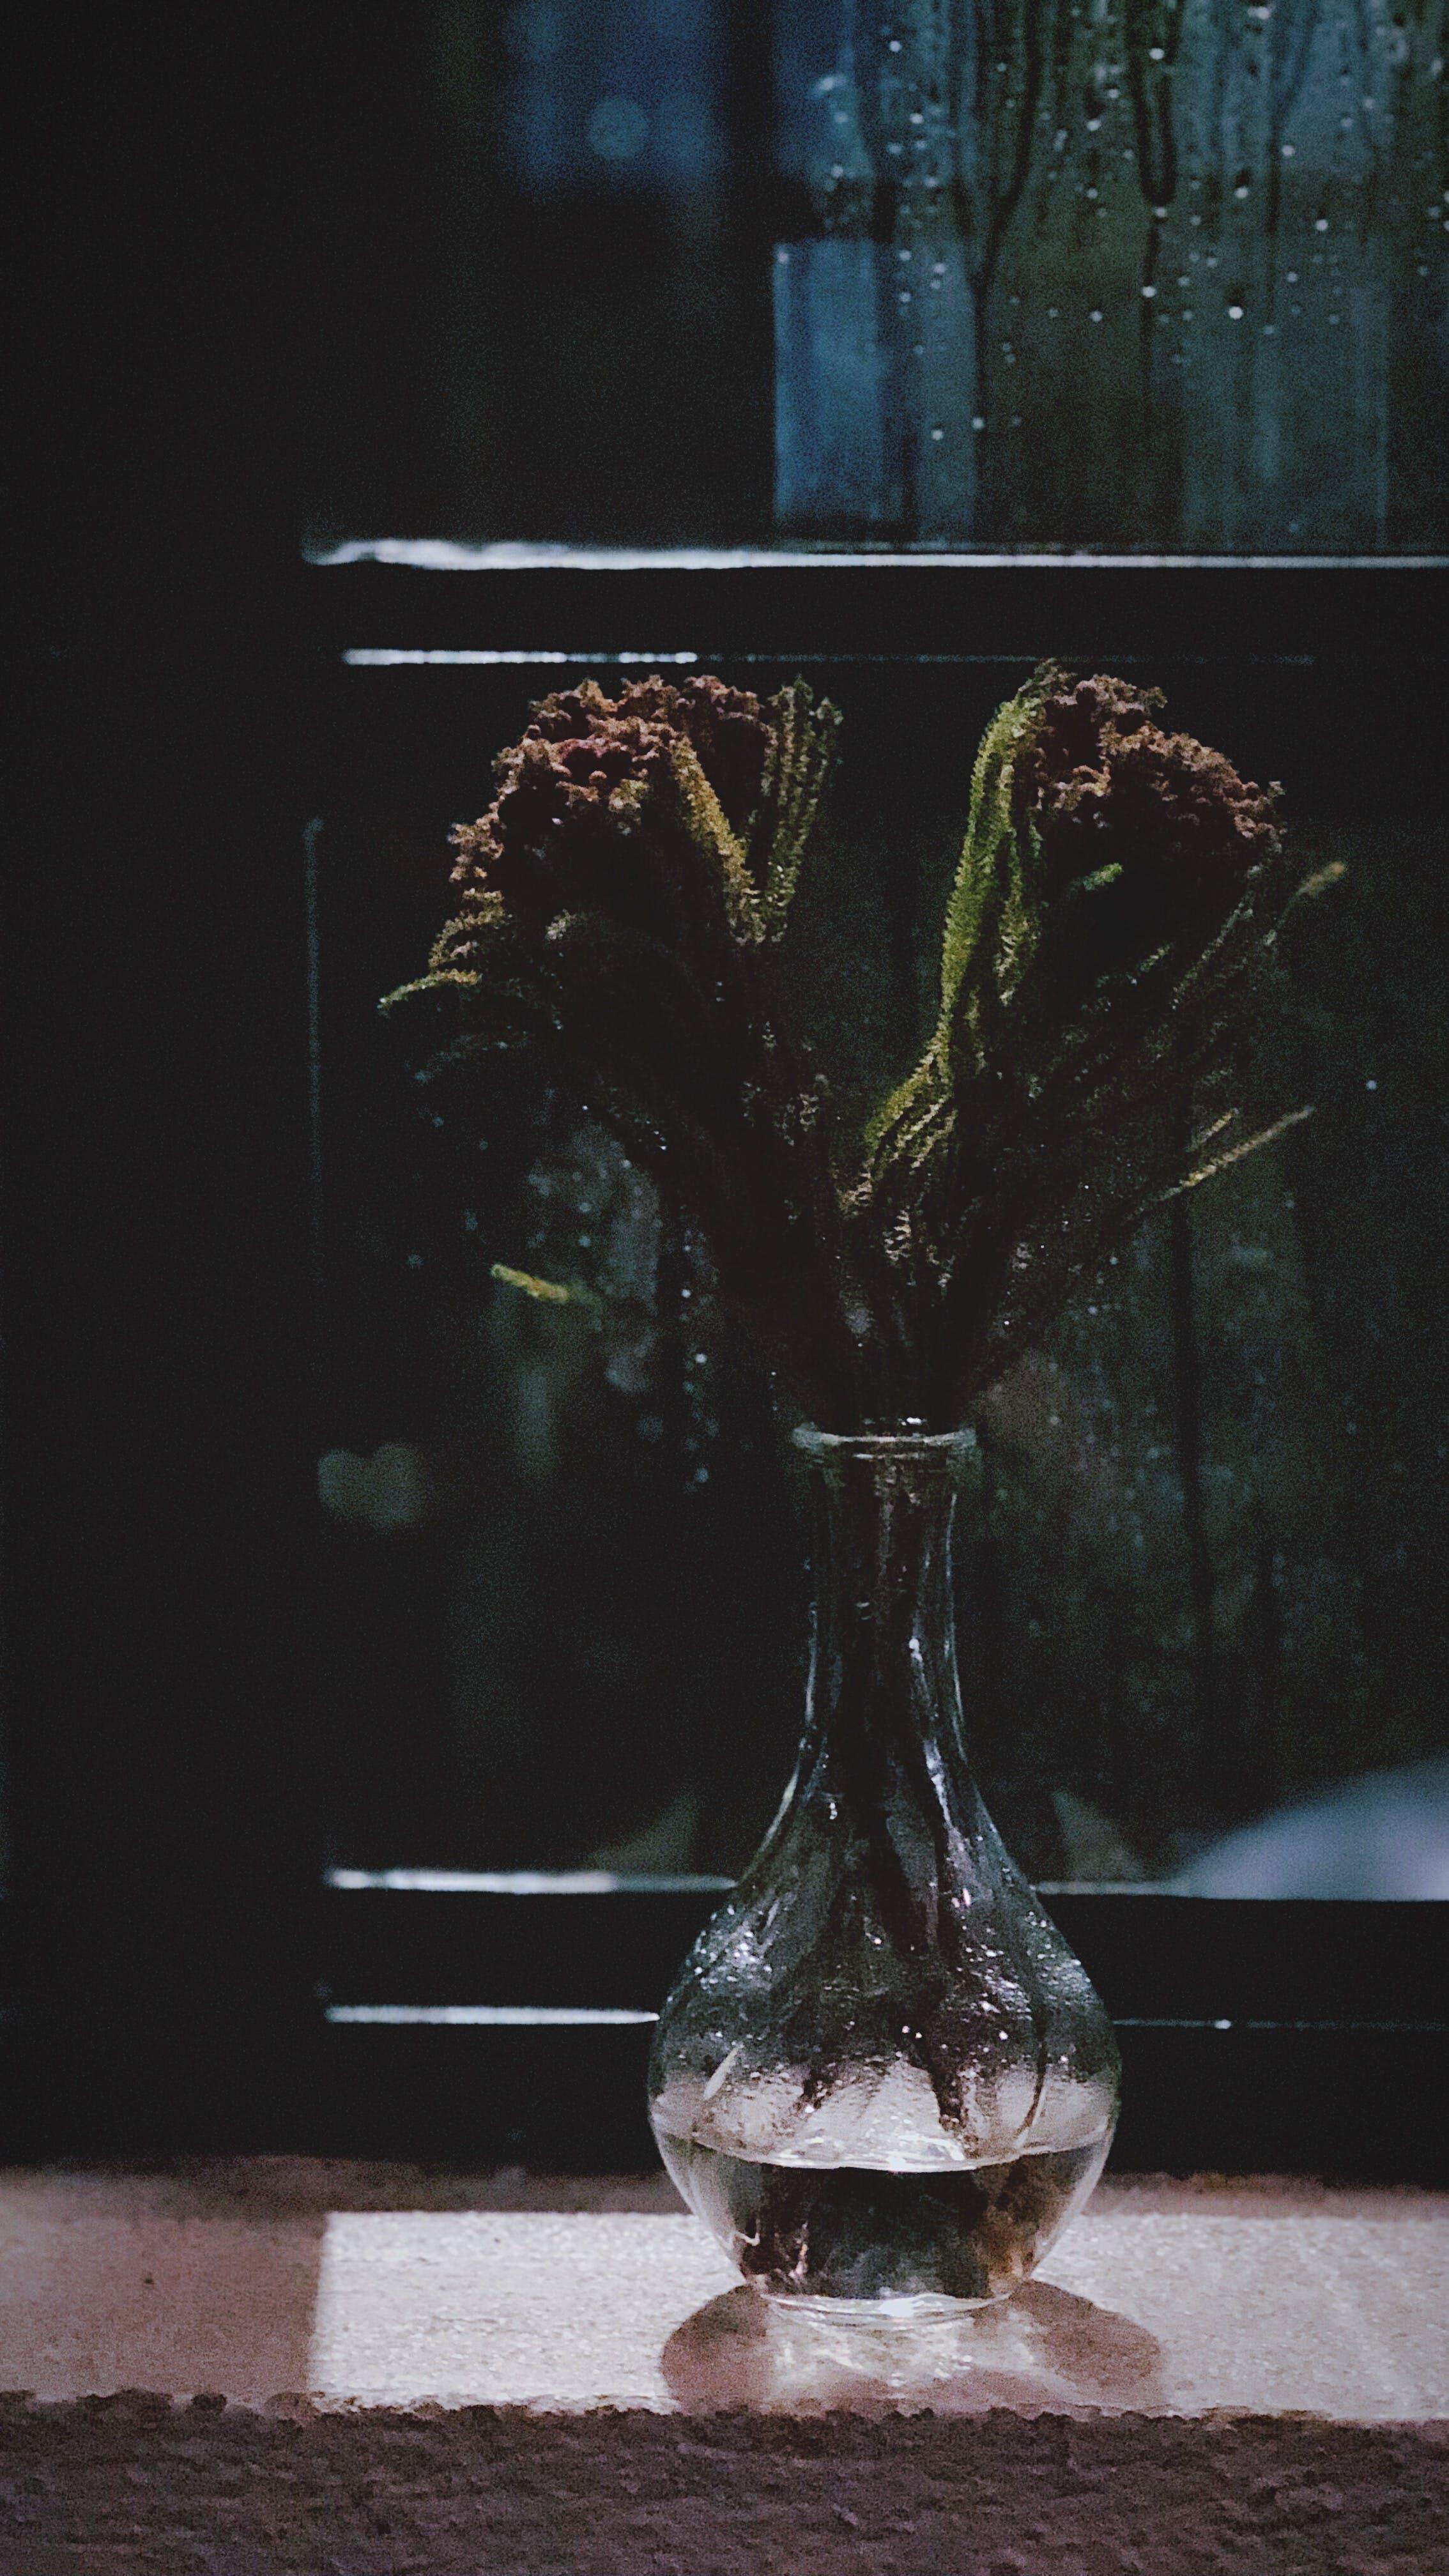 Clear Glass Vase Near Window